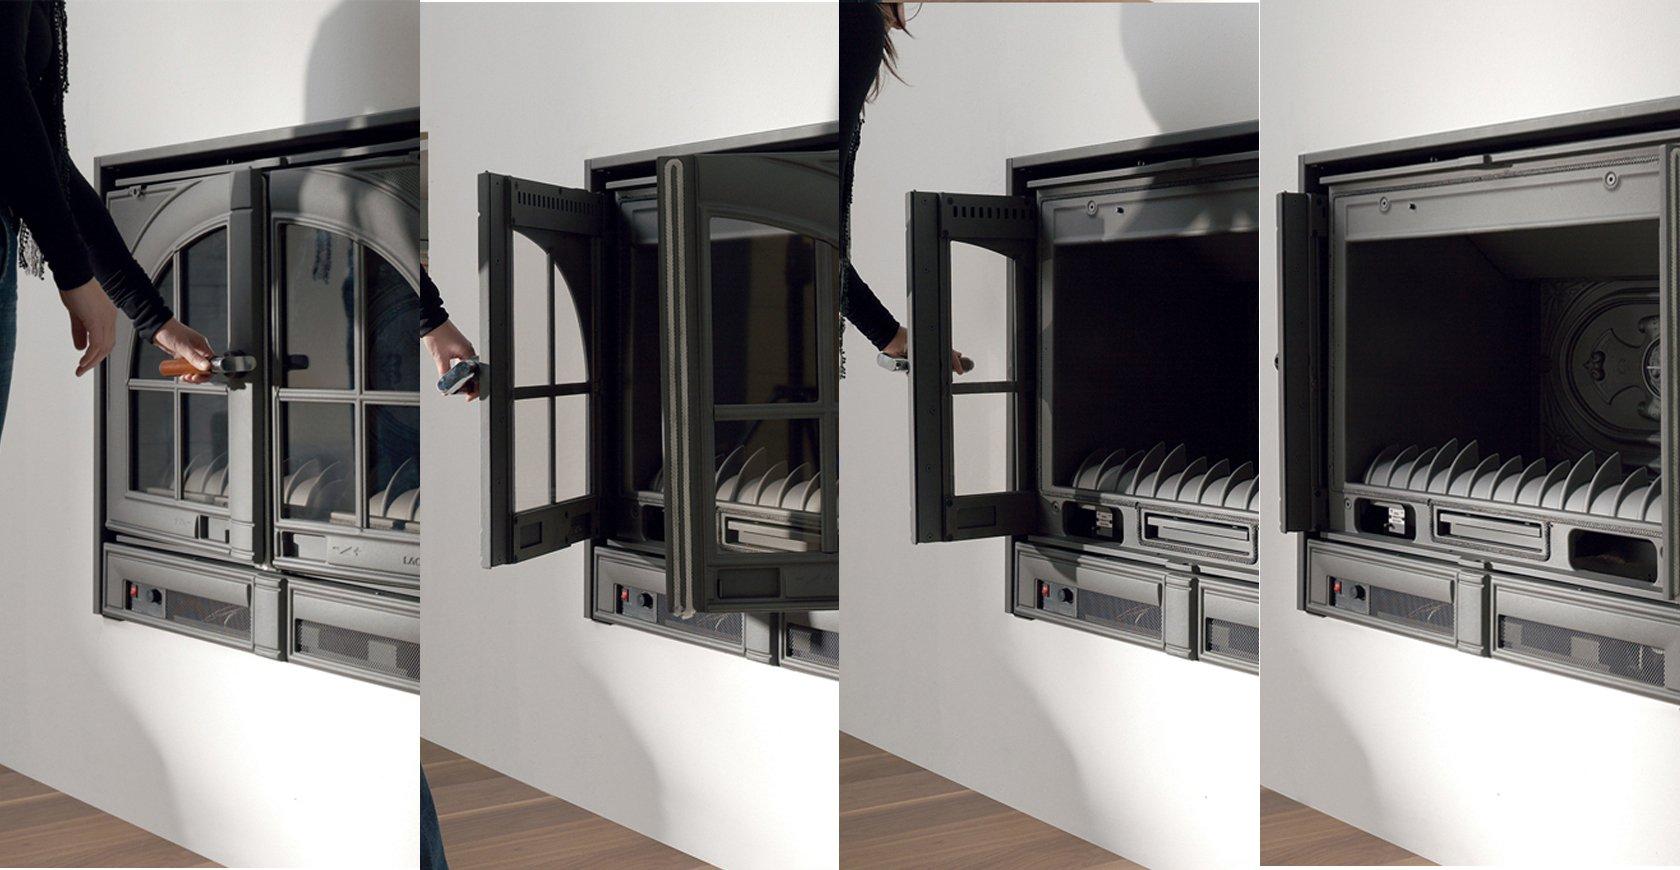 Sistema de escamoteo de puertas de la Casete Lacunza Abodi